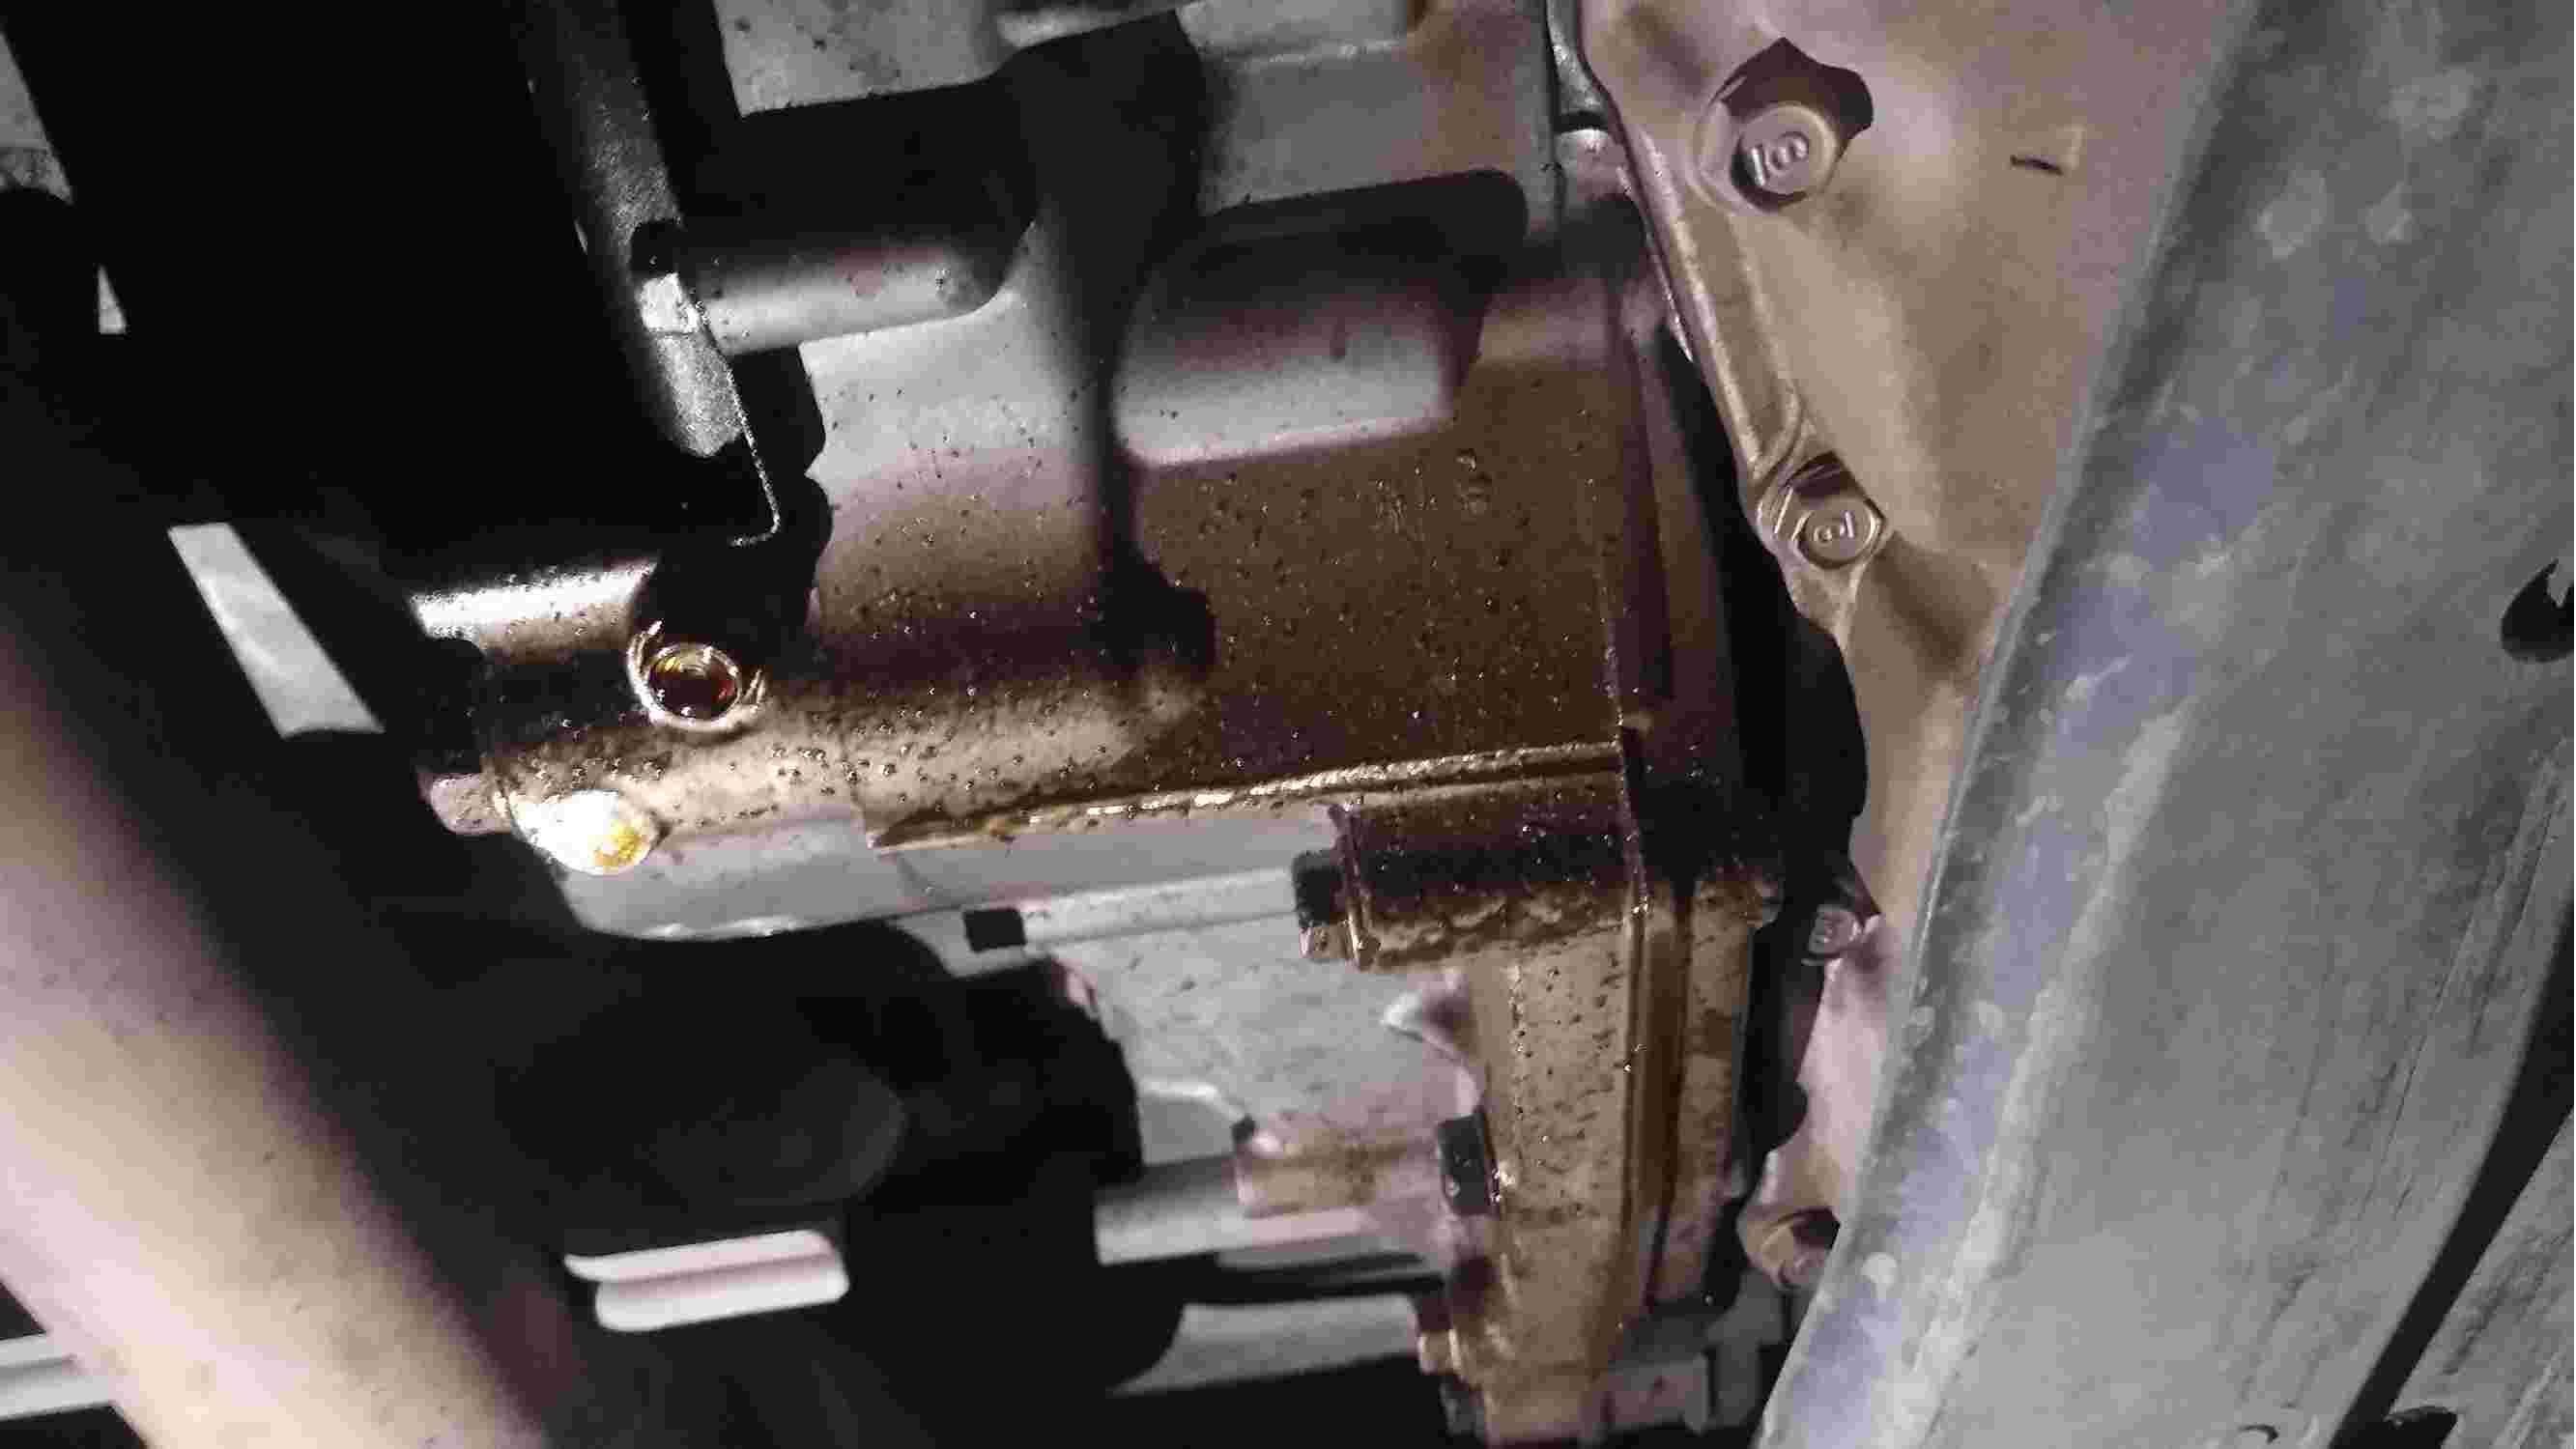 发动机变速箱漏油,厂家态度蛮横